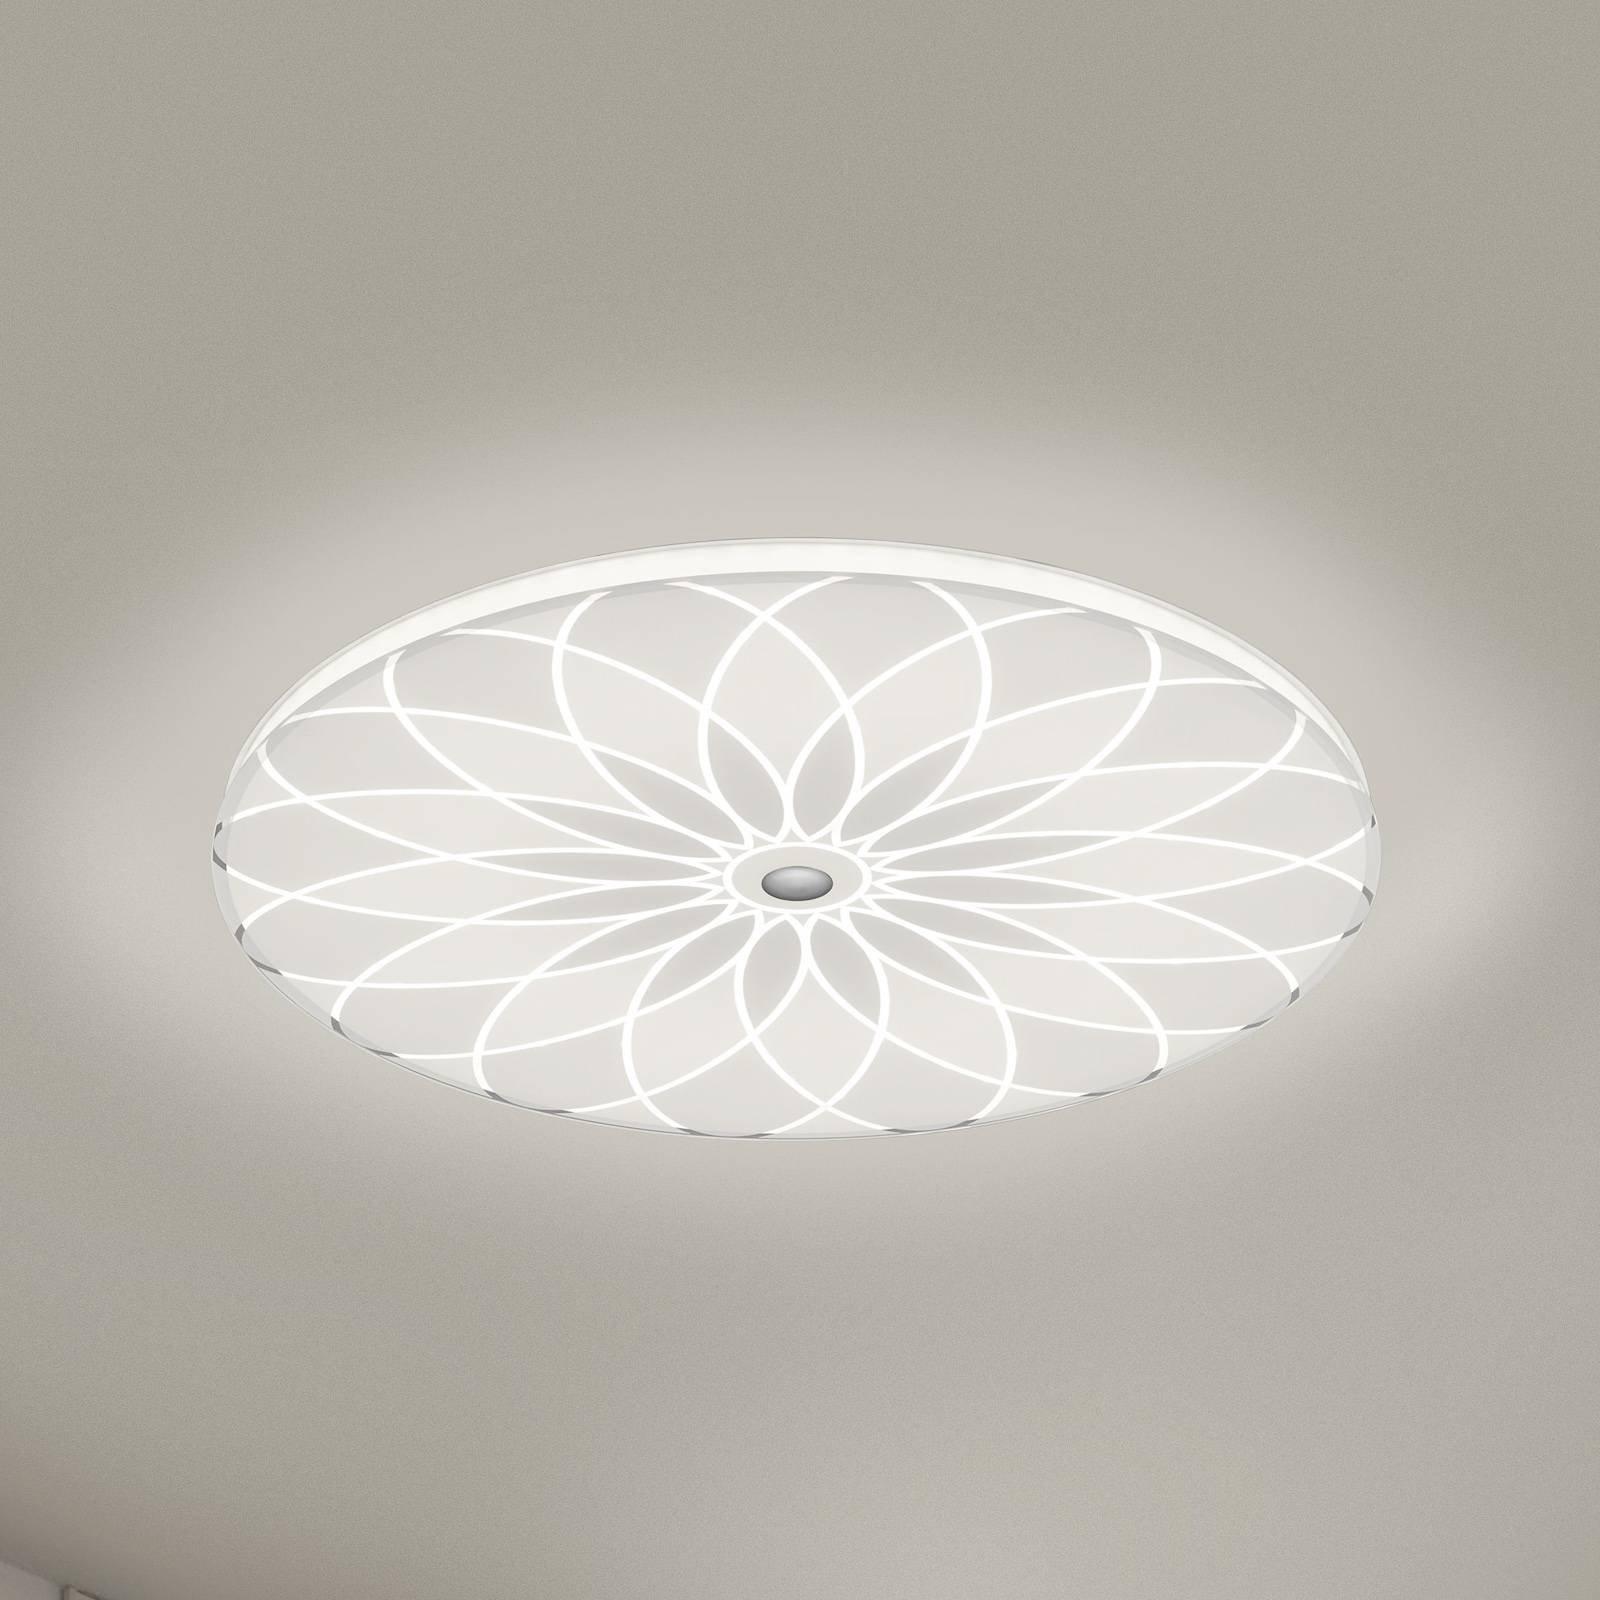 BANKAMP Mandala LED-taklampe blomst, Ø 42 cm